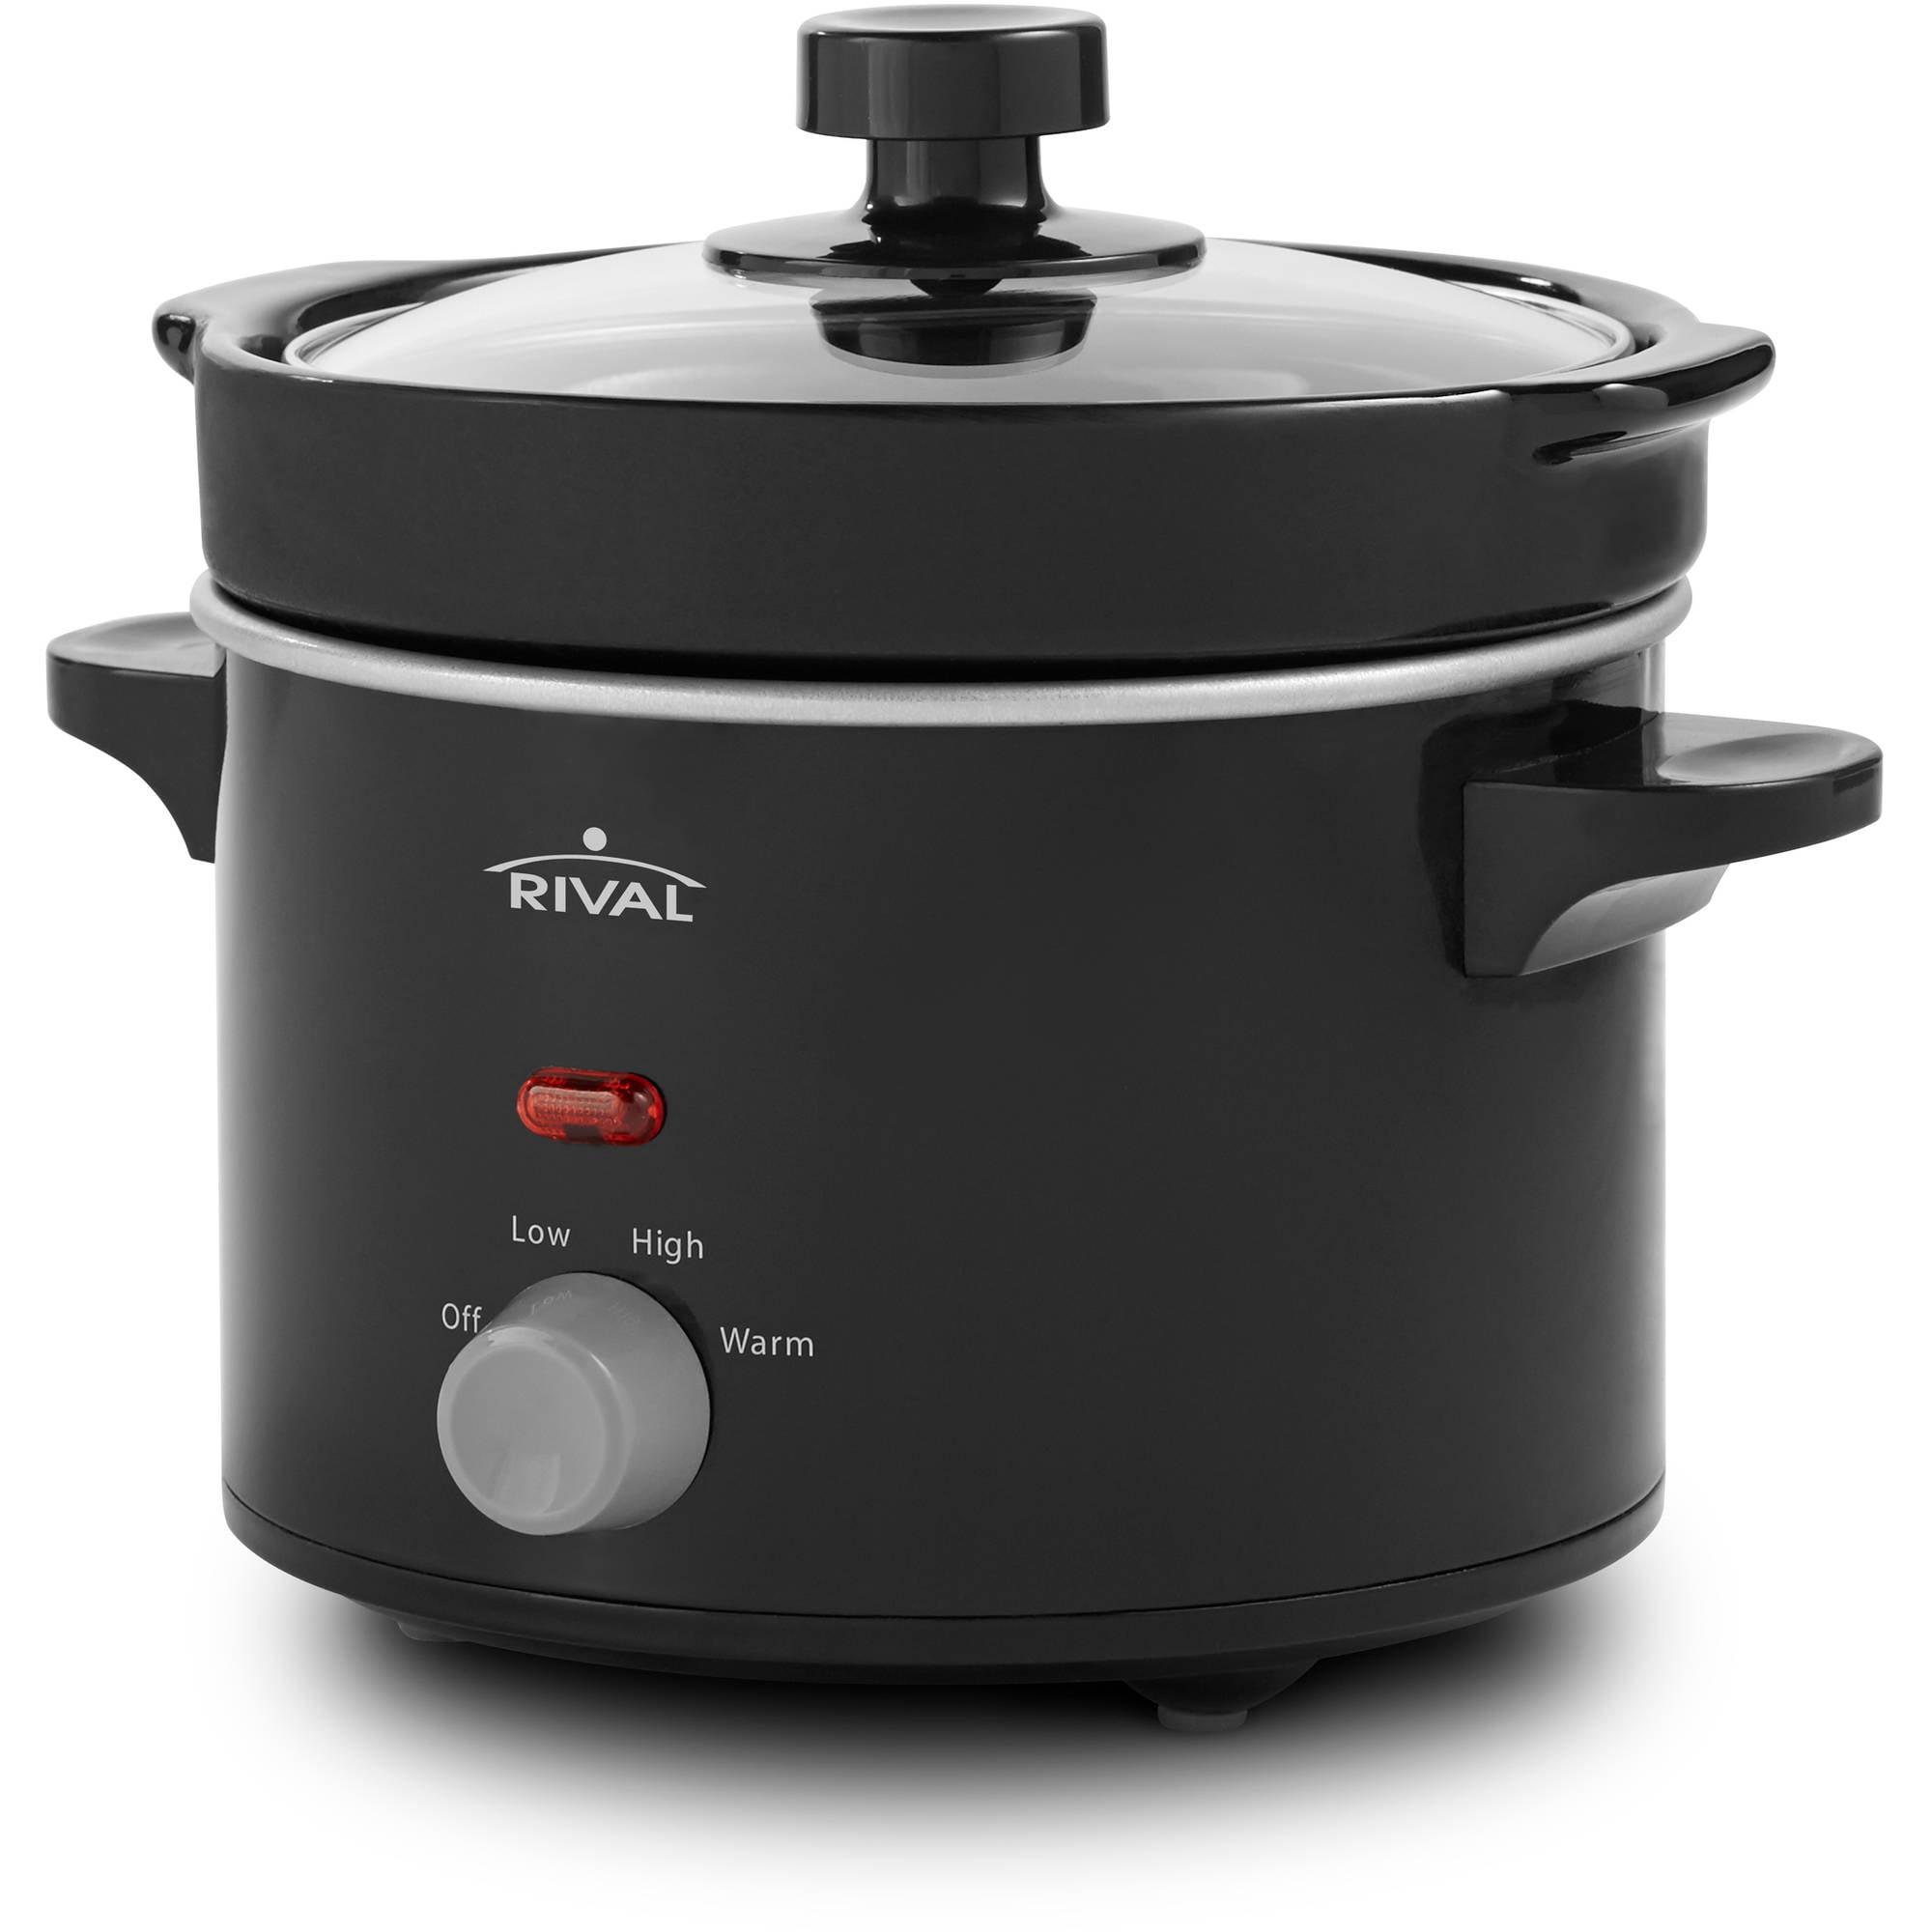 Delightful Rival Kitchen Appliances Part - 5: Rival 2-Quart Slow Cooker, Black - Walmart.com